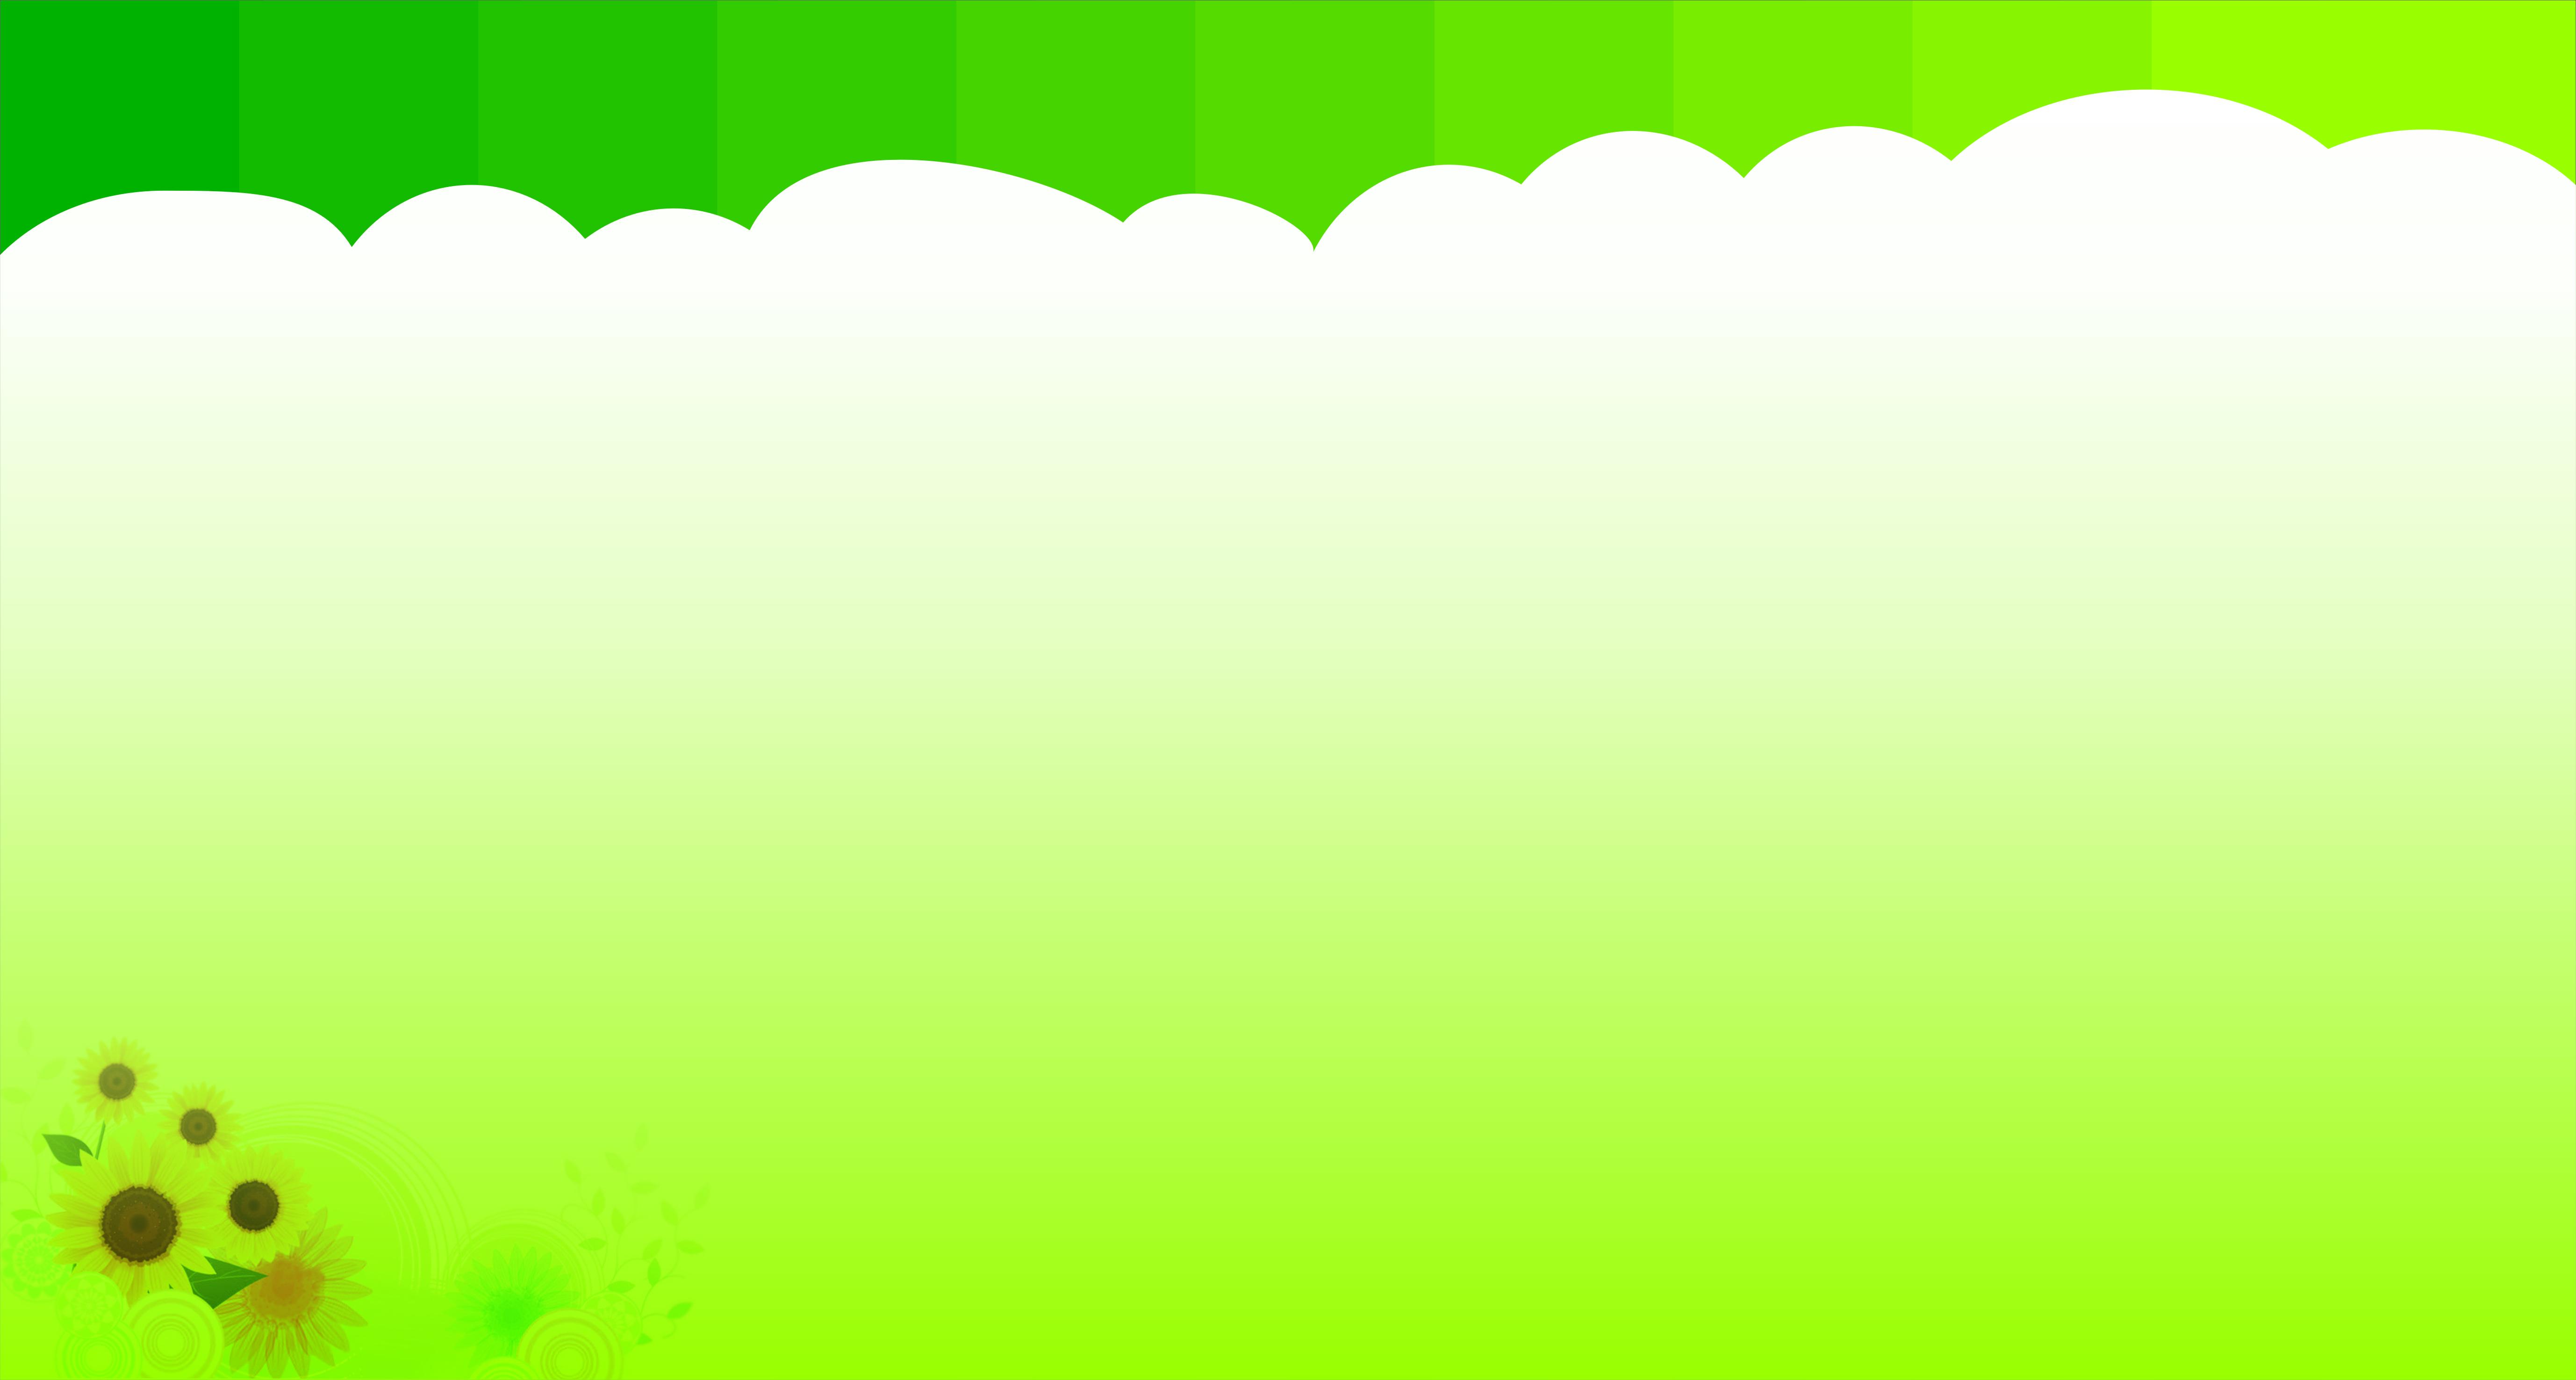 Paneles de jardín de infantes La Geometría Verde Girasol Imagen de ...